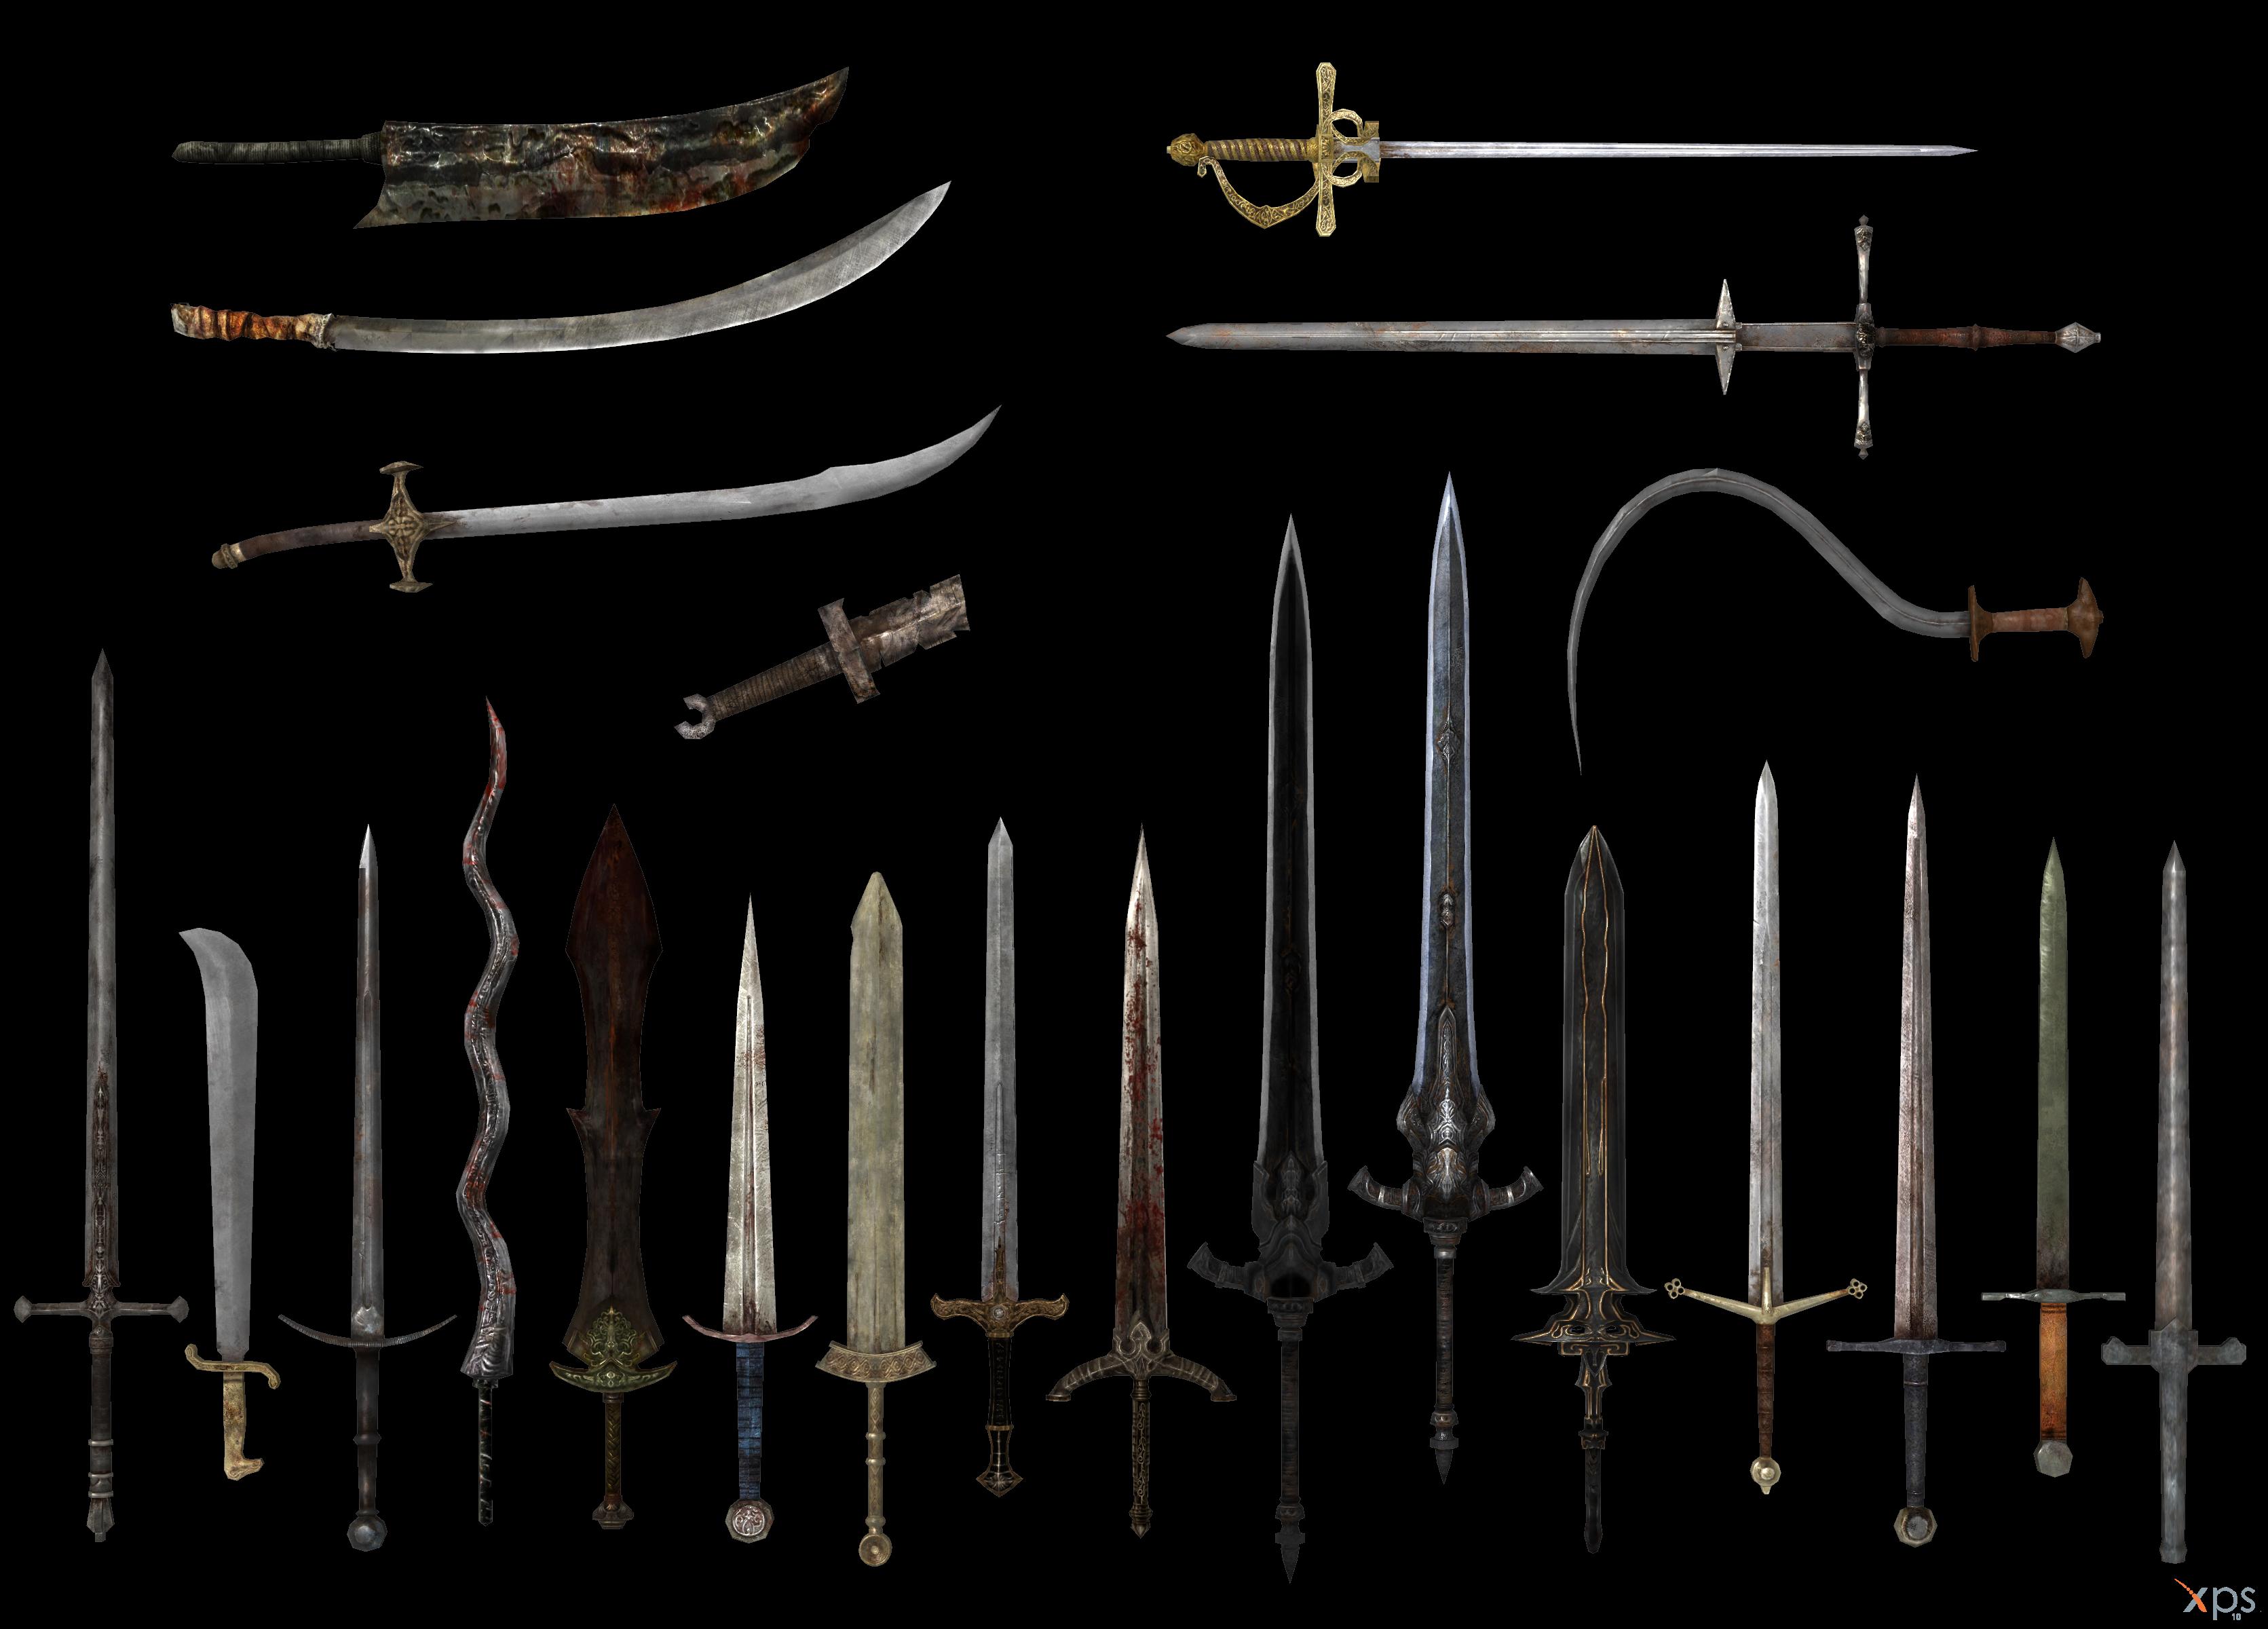 Dark Souls swords